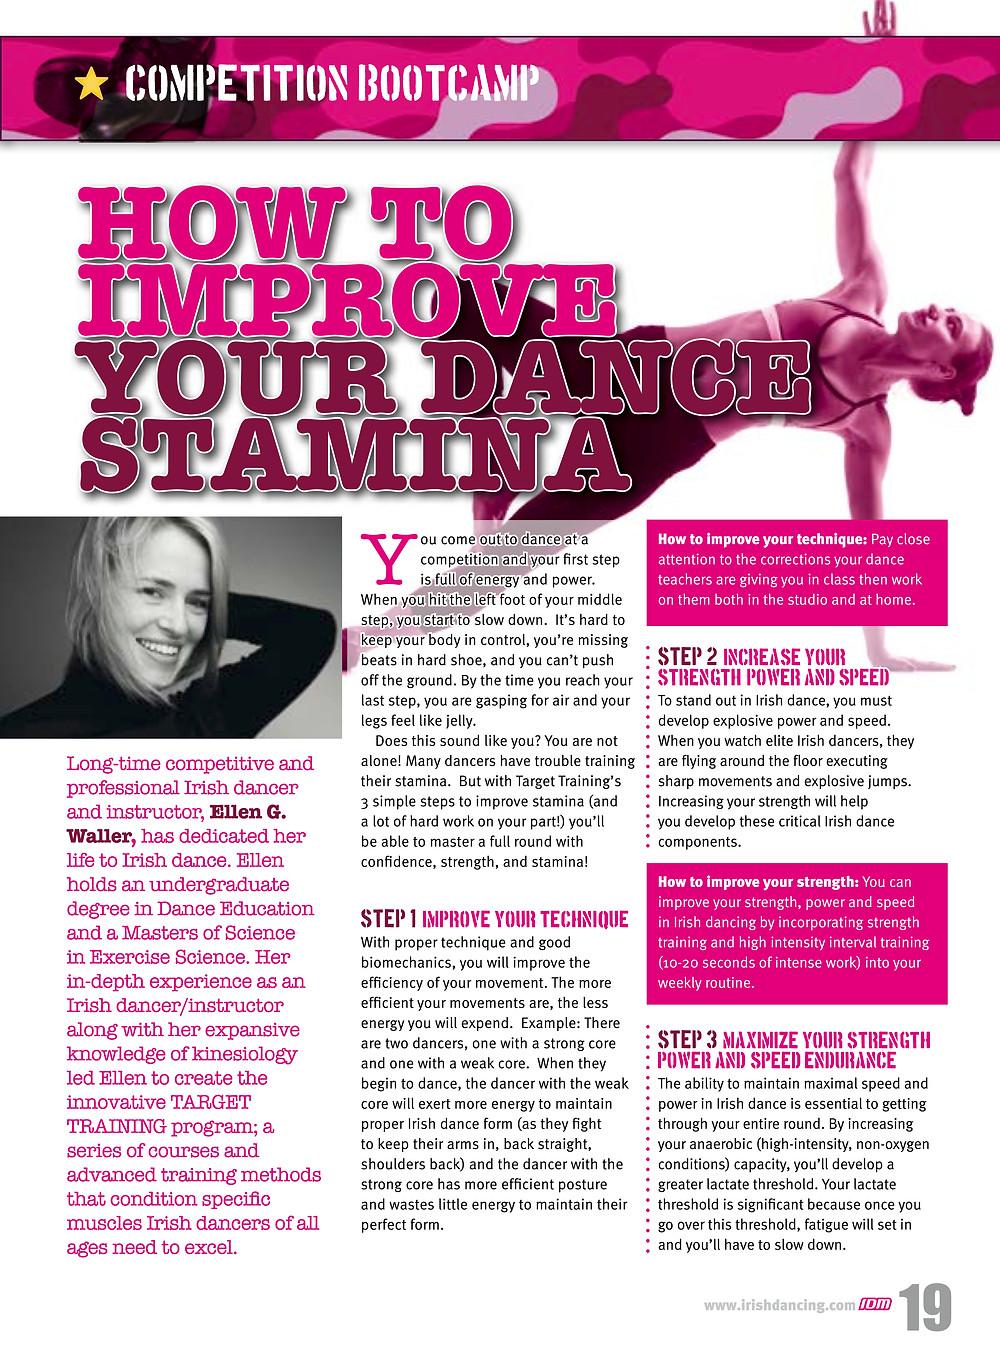 Irish dance strength and conditioning, stamina for Irish dancers, Irish dancing magazine